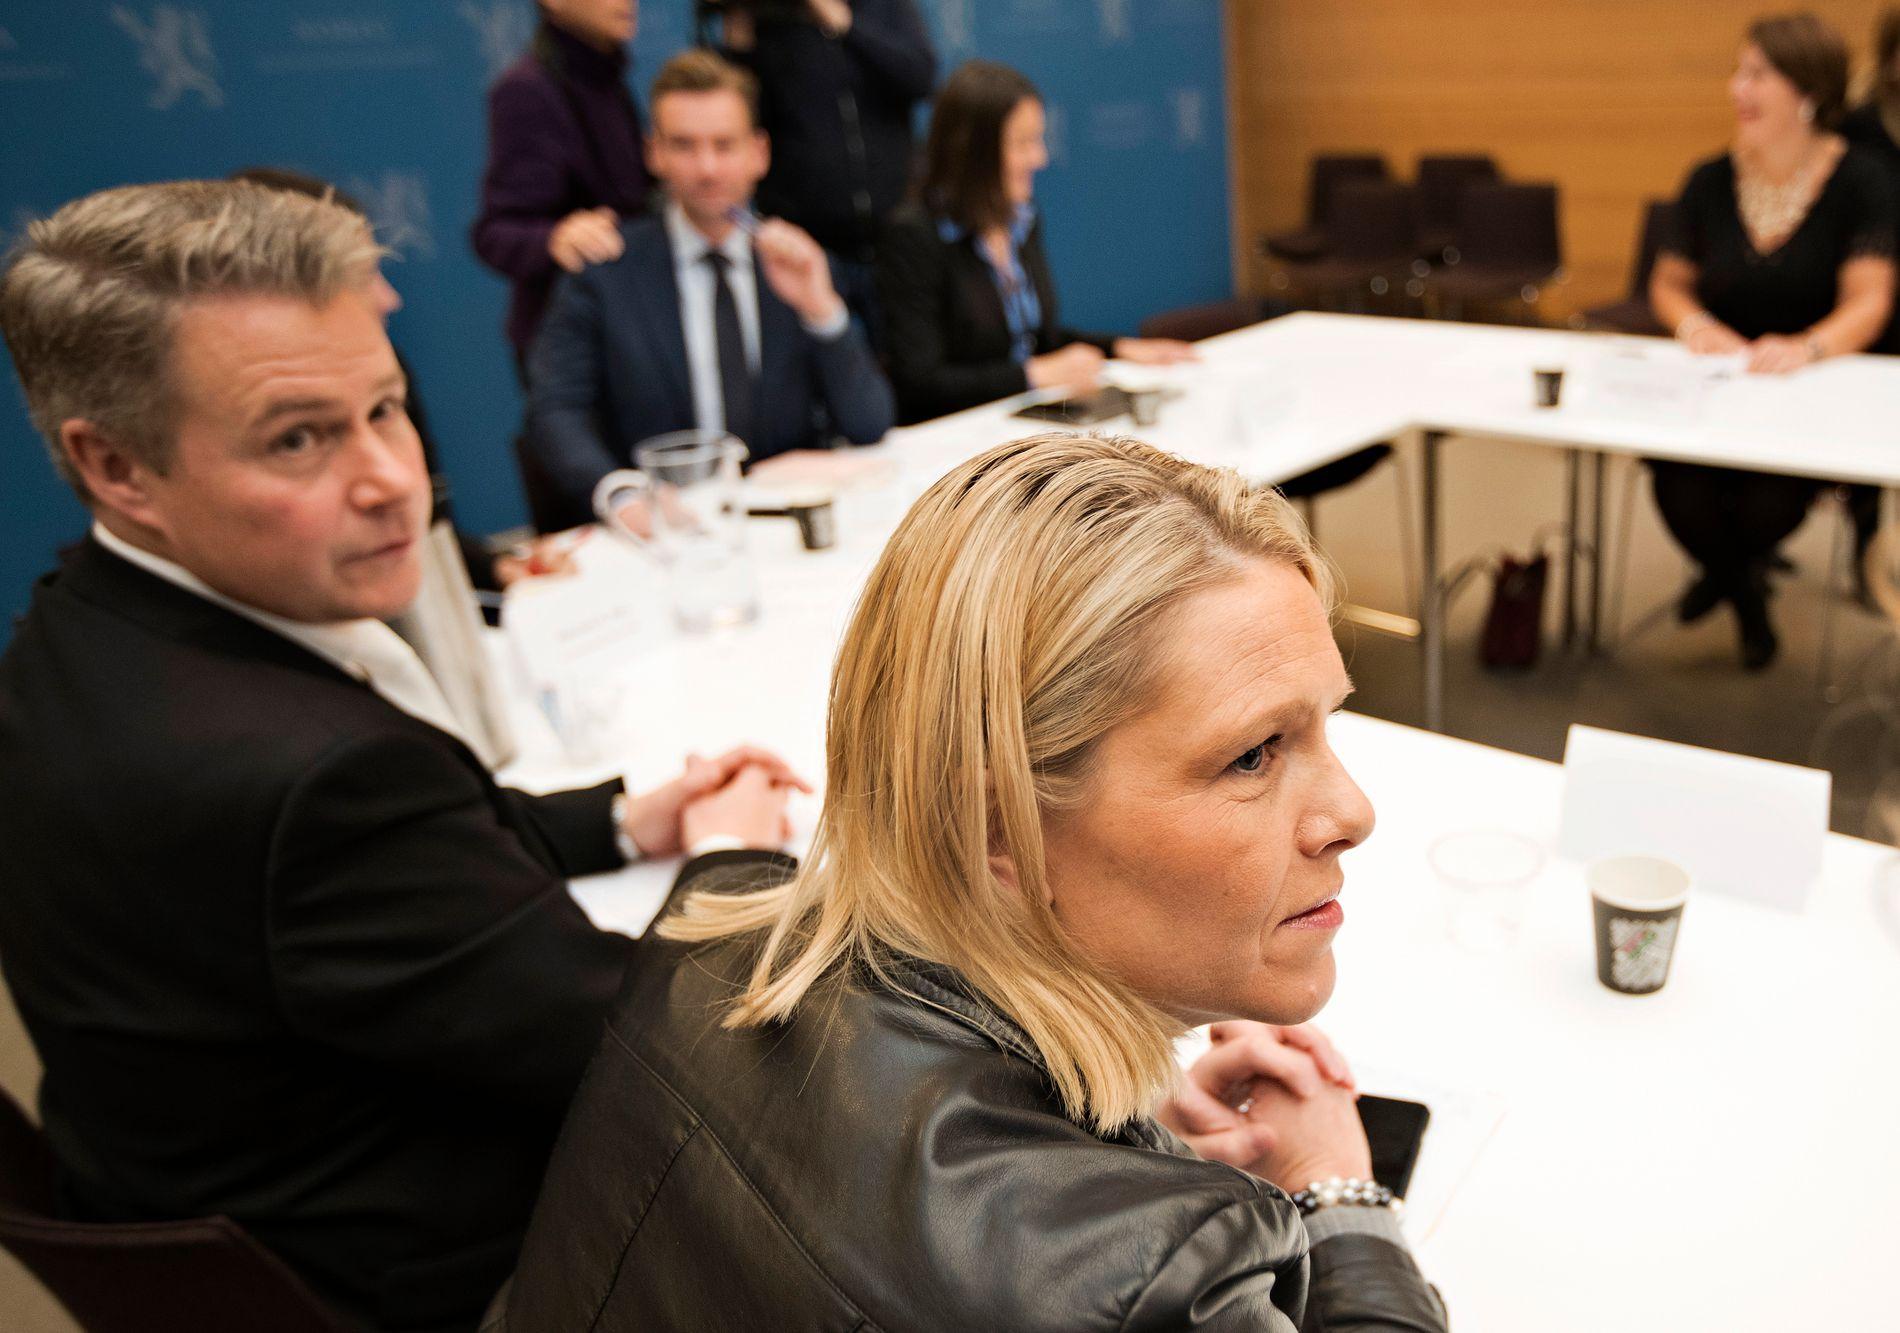 PÅ DAGSORDEN:  Skolevolden i noen av Oslos videregående skoler var nylig tema på et hastemøte der både justisminister Per-Willy Amundsen og integreringsminister Sylvi Listhaug deltok sammen med statsråd-vikar Henrik Asheim i Kunnskapsdepartementet og skolebyråd Tone Tellevik Dahl (i bakgrunnen).